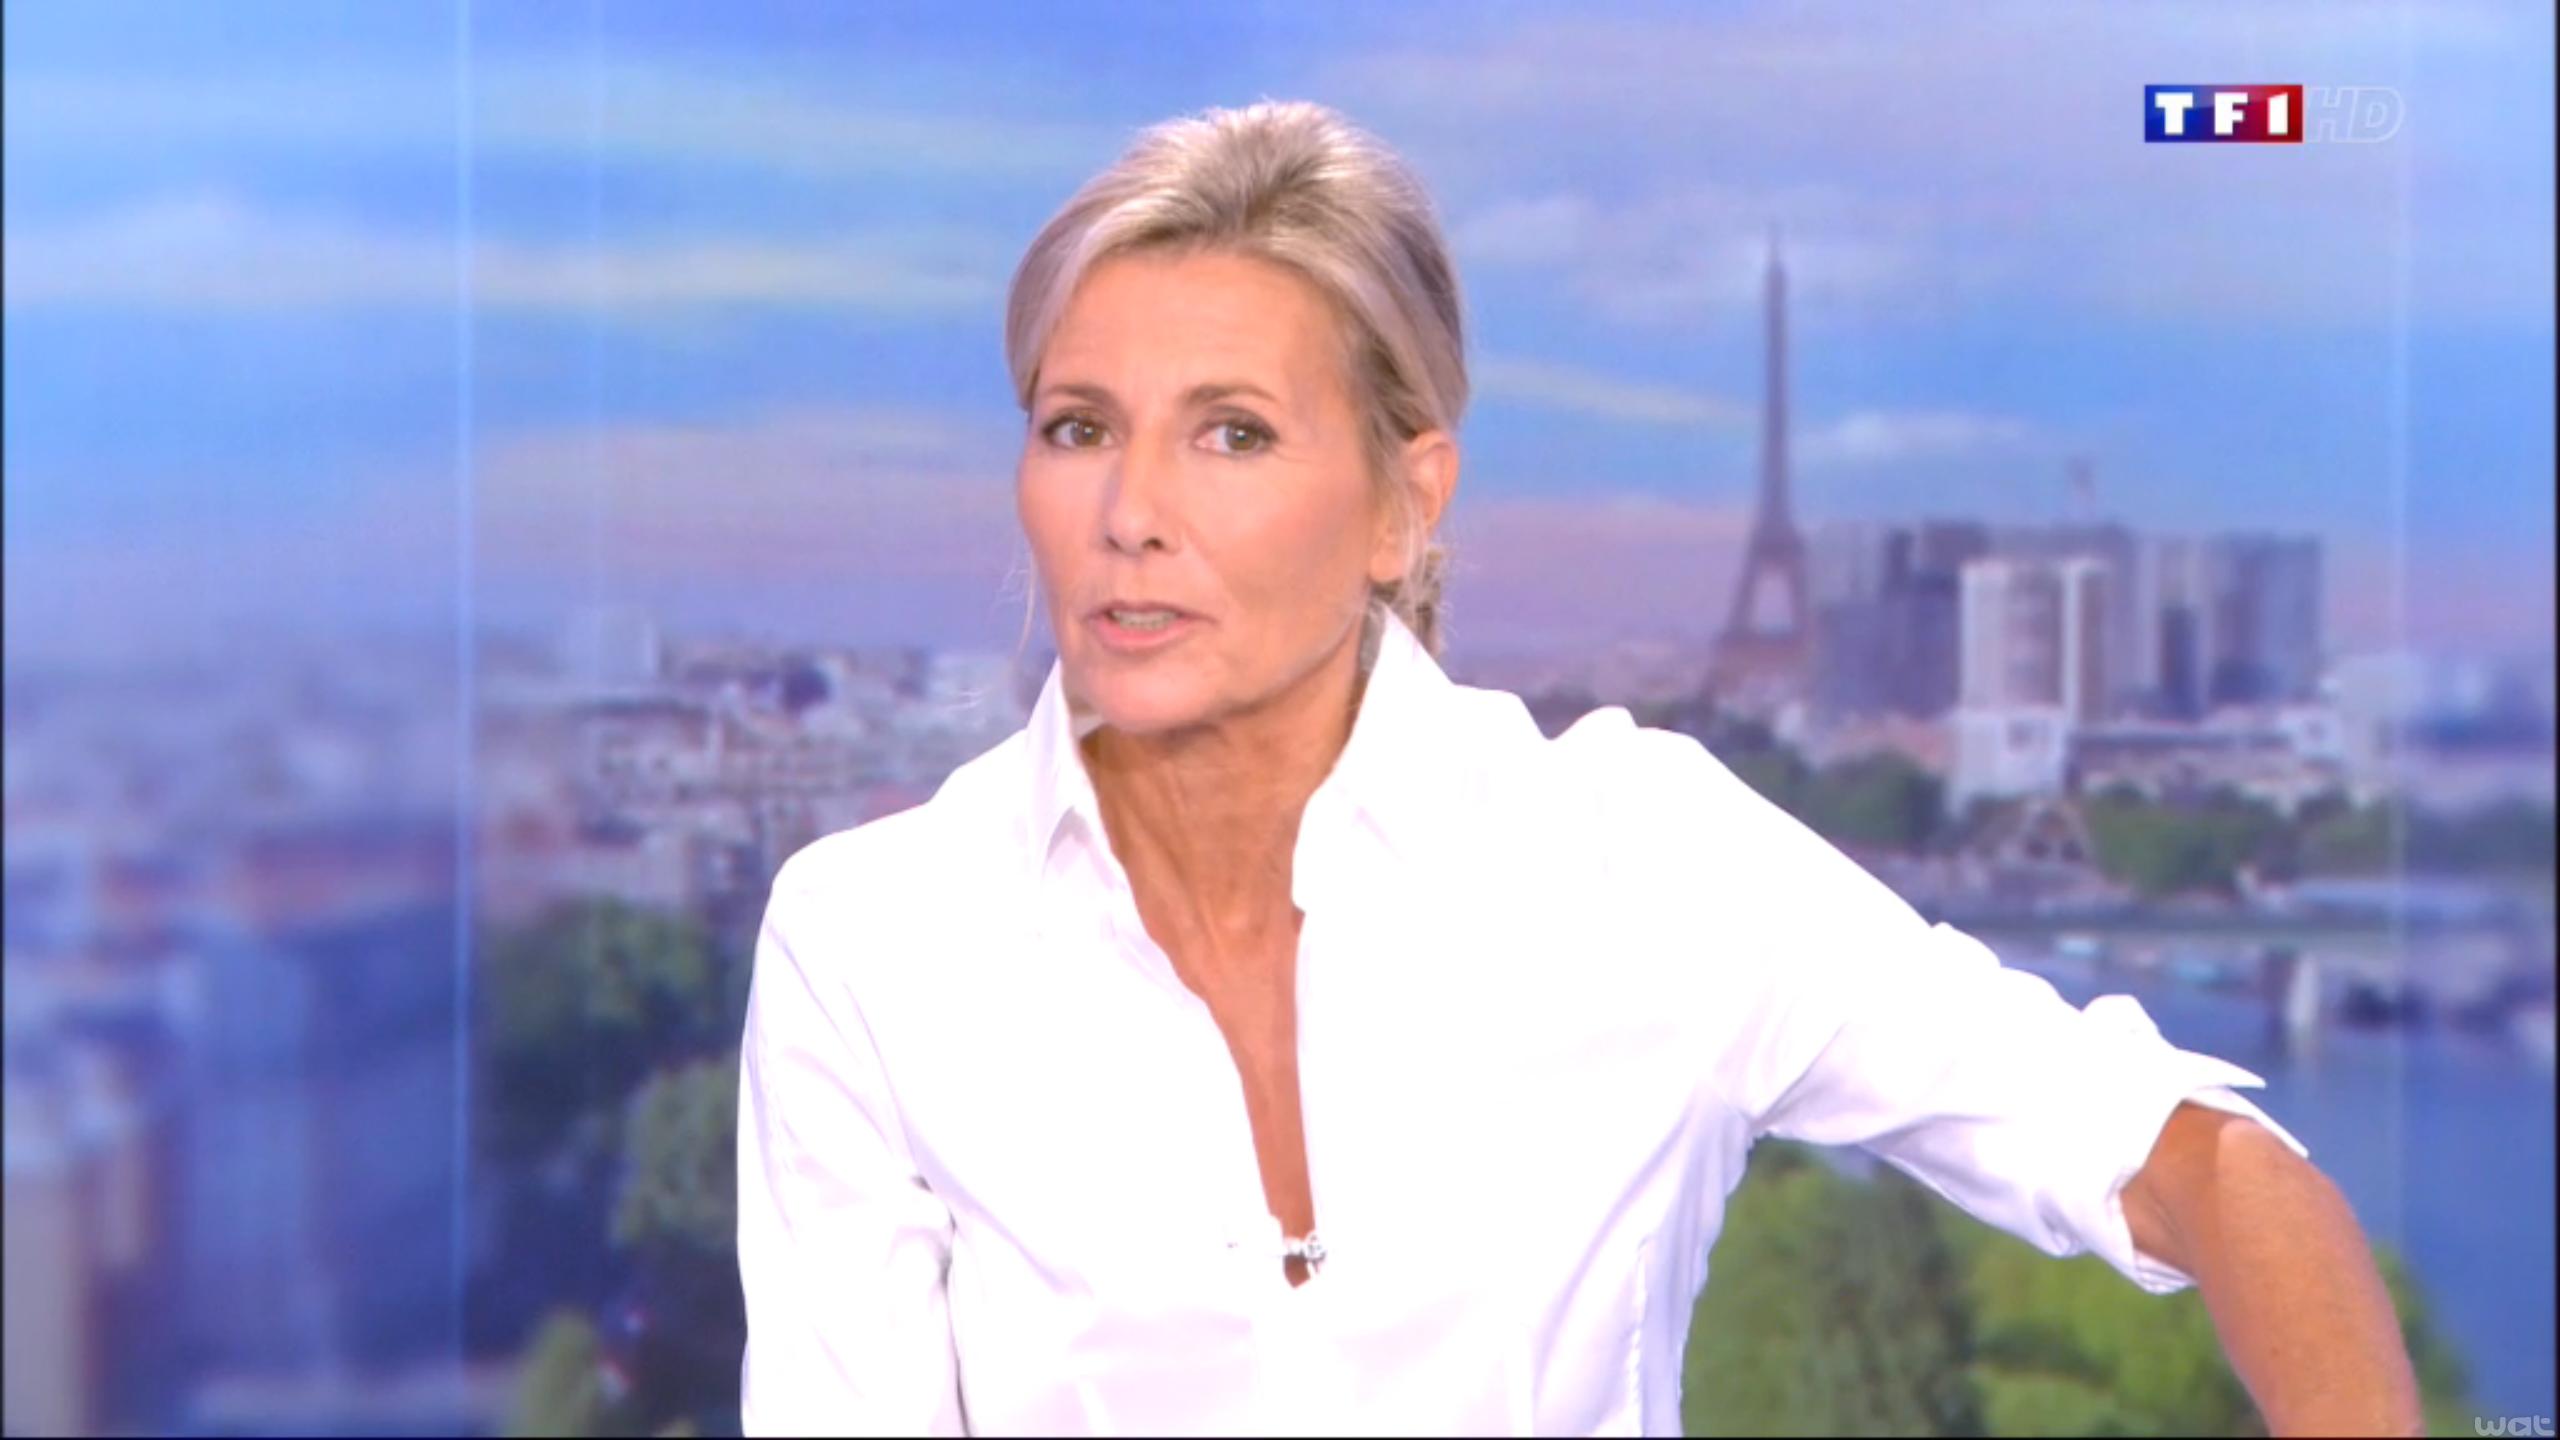 Claire Chazal, ancienne présentatrice du JT de TF1, a été victime d'un cambriolage @TF1